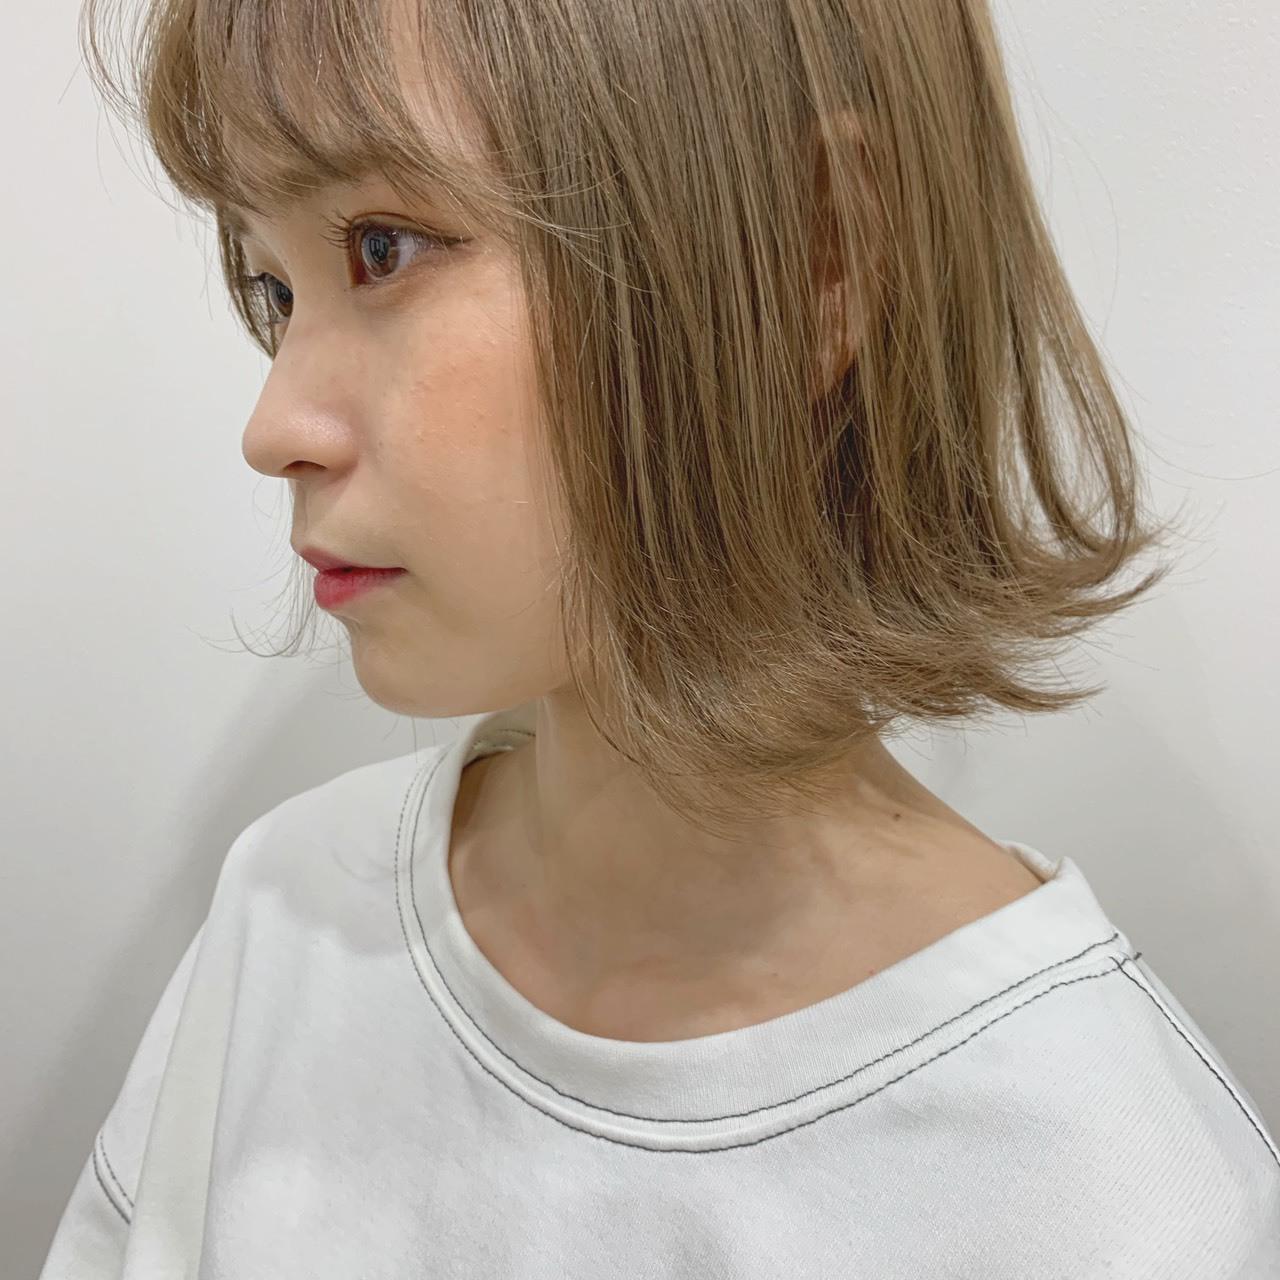 新しく加入いたしました古川友希凪(ふるかわゆきな)です☺︎よろしくお願いします!_1_3